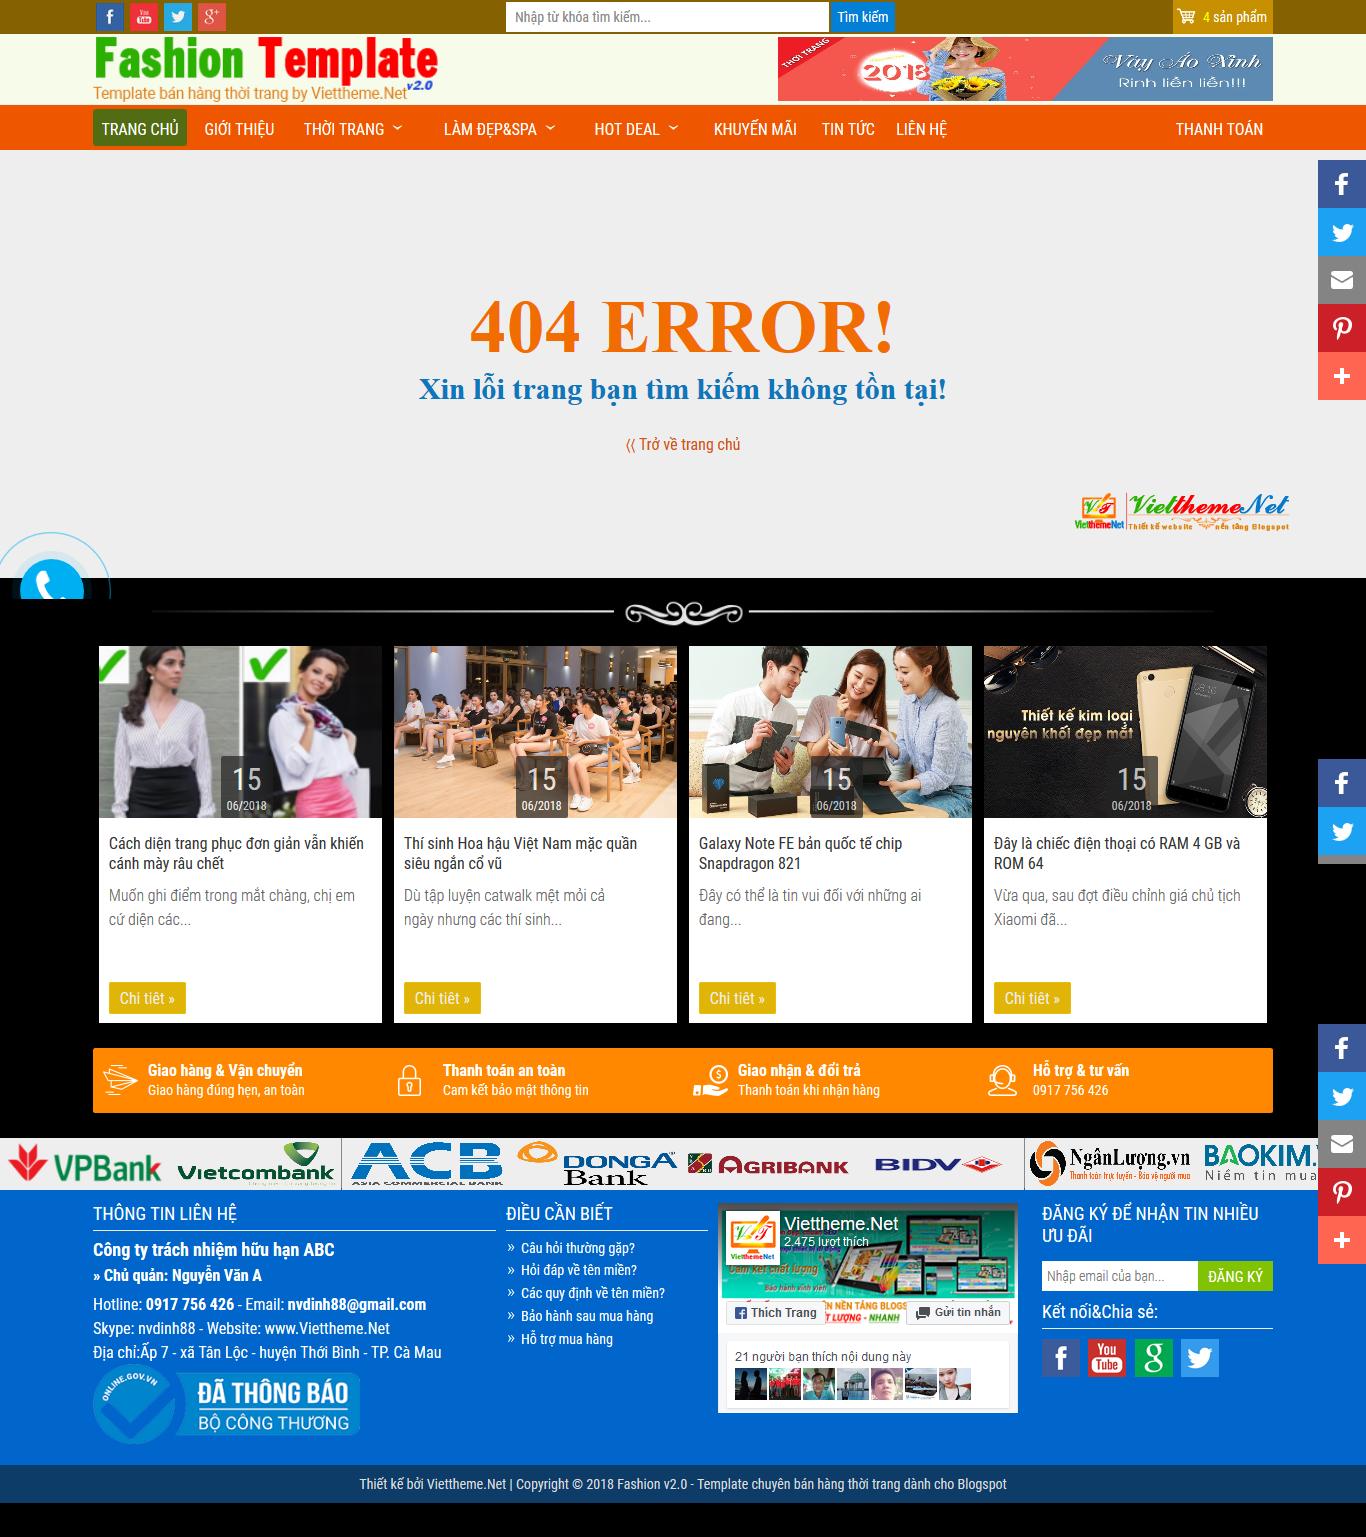 Giao diện thông báo khi người dùng truy cập link không đúng Error 404